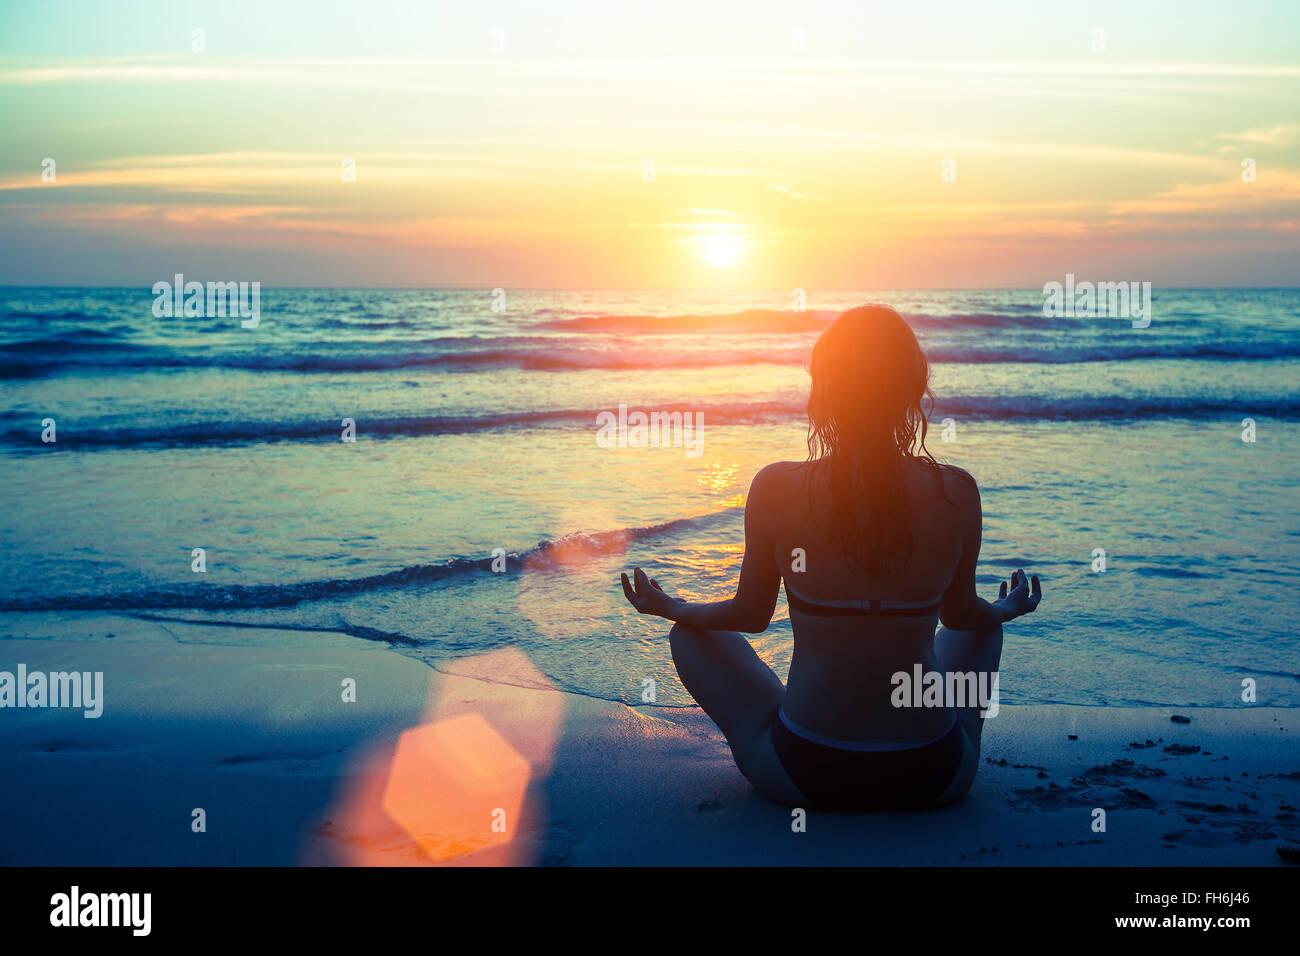 Silhouette di donna yoga sulla spiaggia durante il tramonto. Immagini Stock